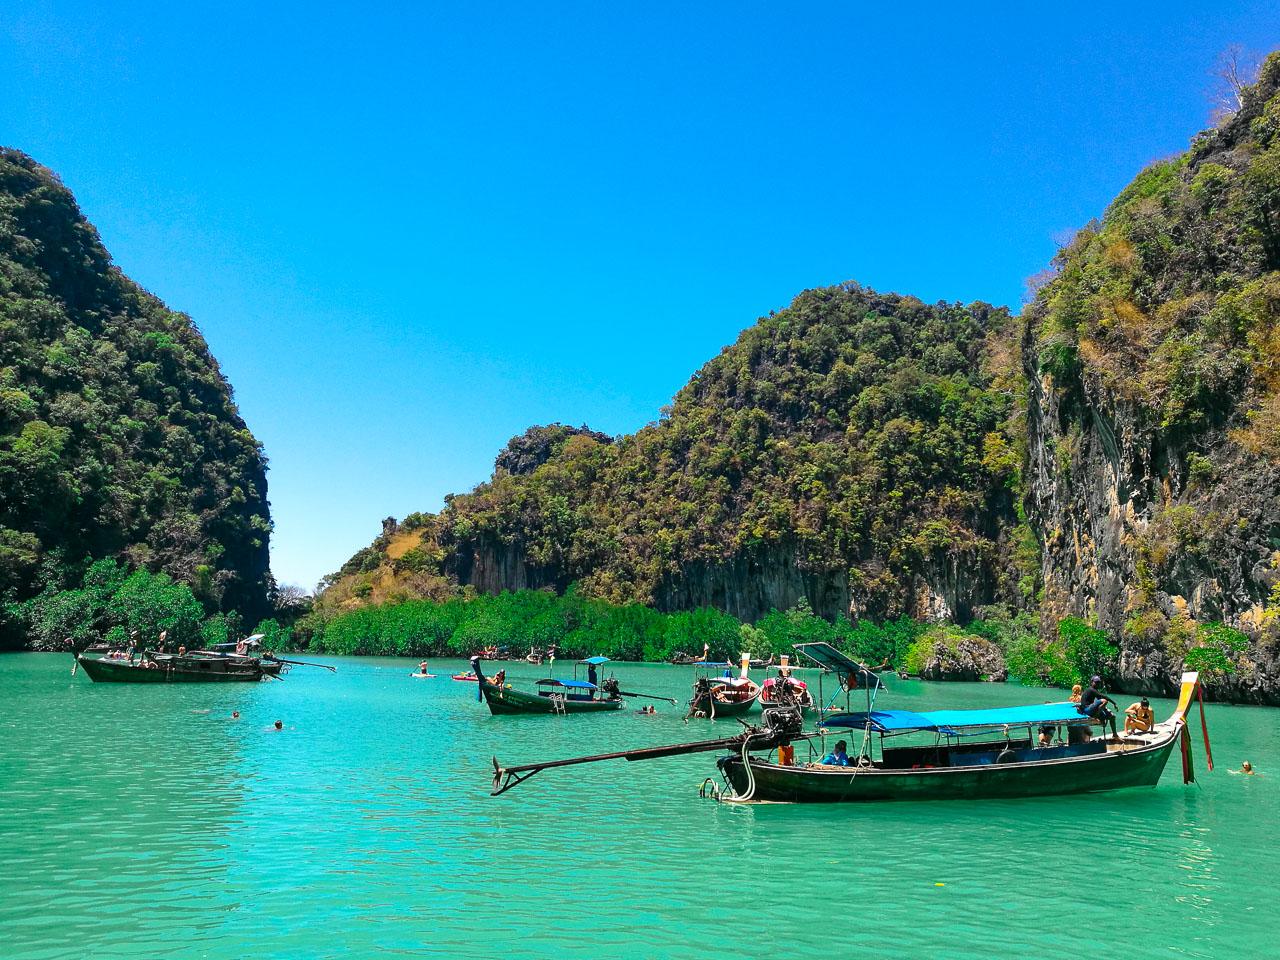 Vale a pena saber a melhor época e visitar a Tailândia linda desse jeito, não?